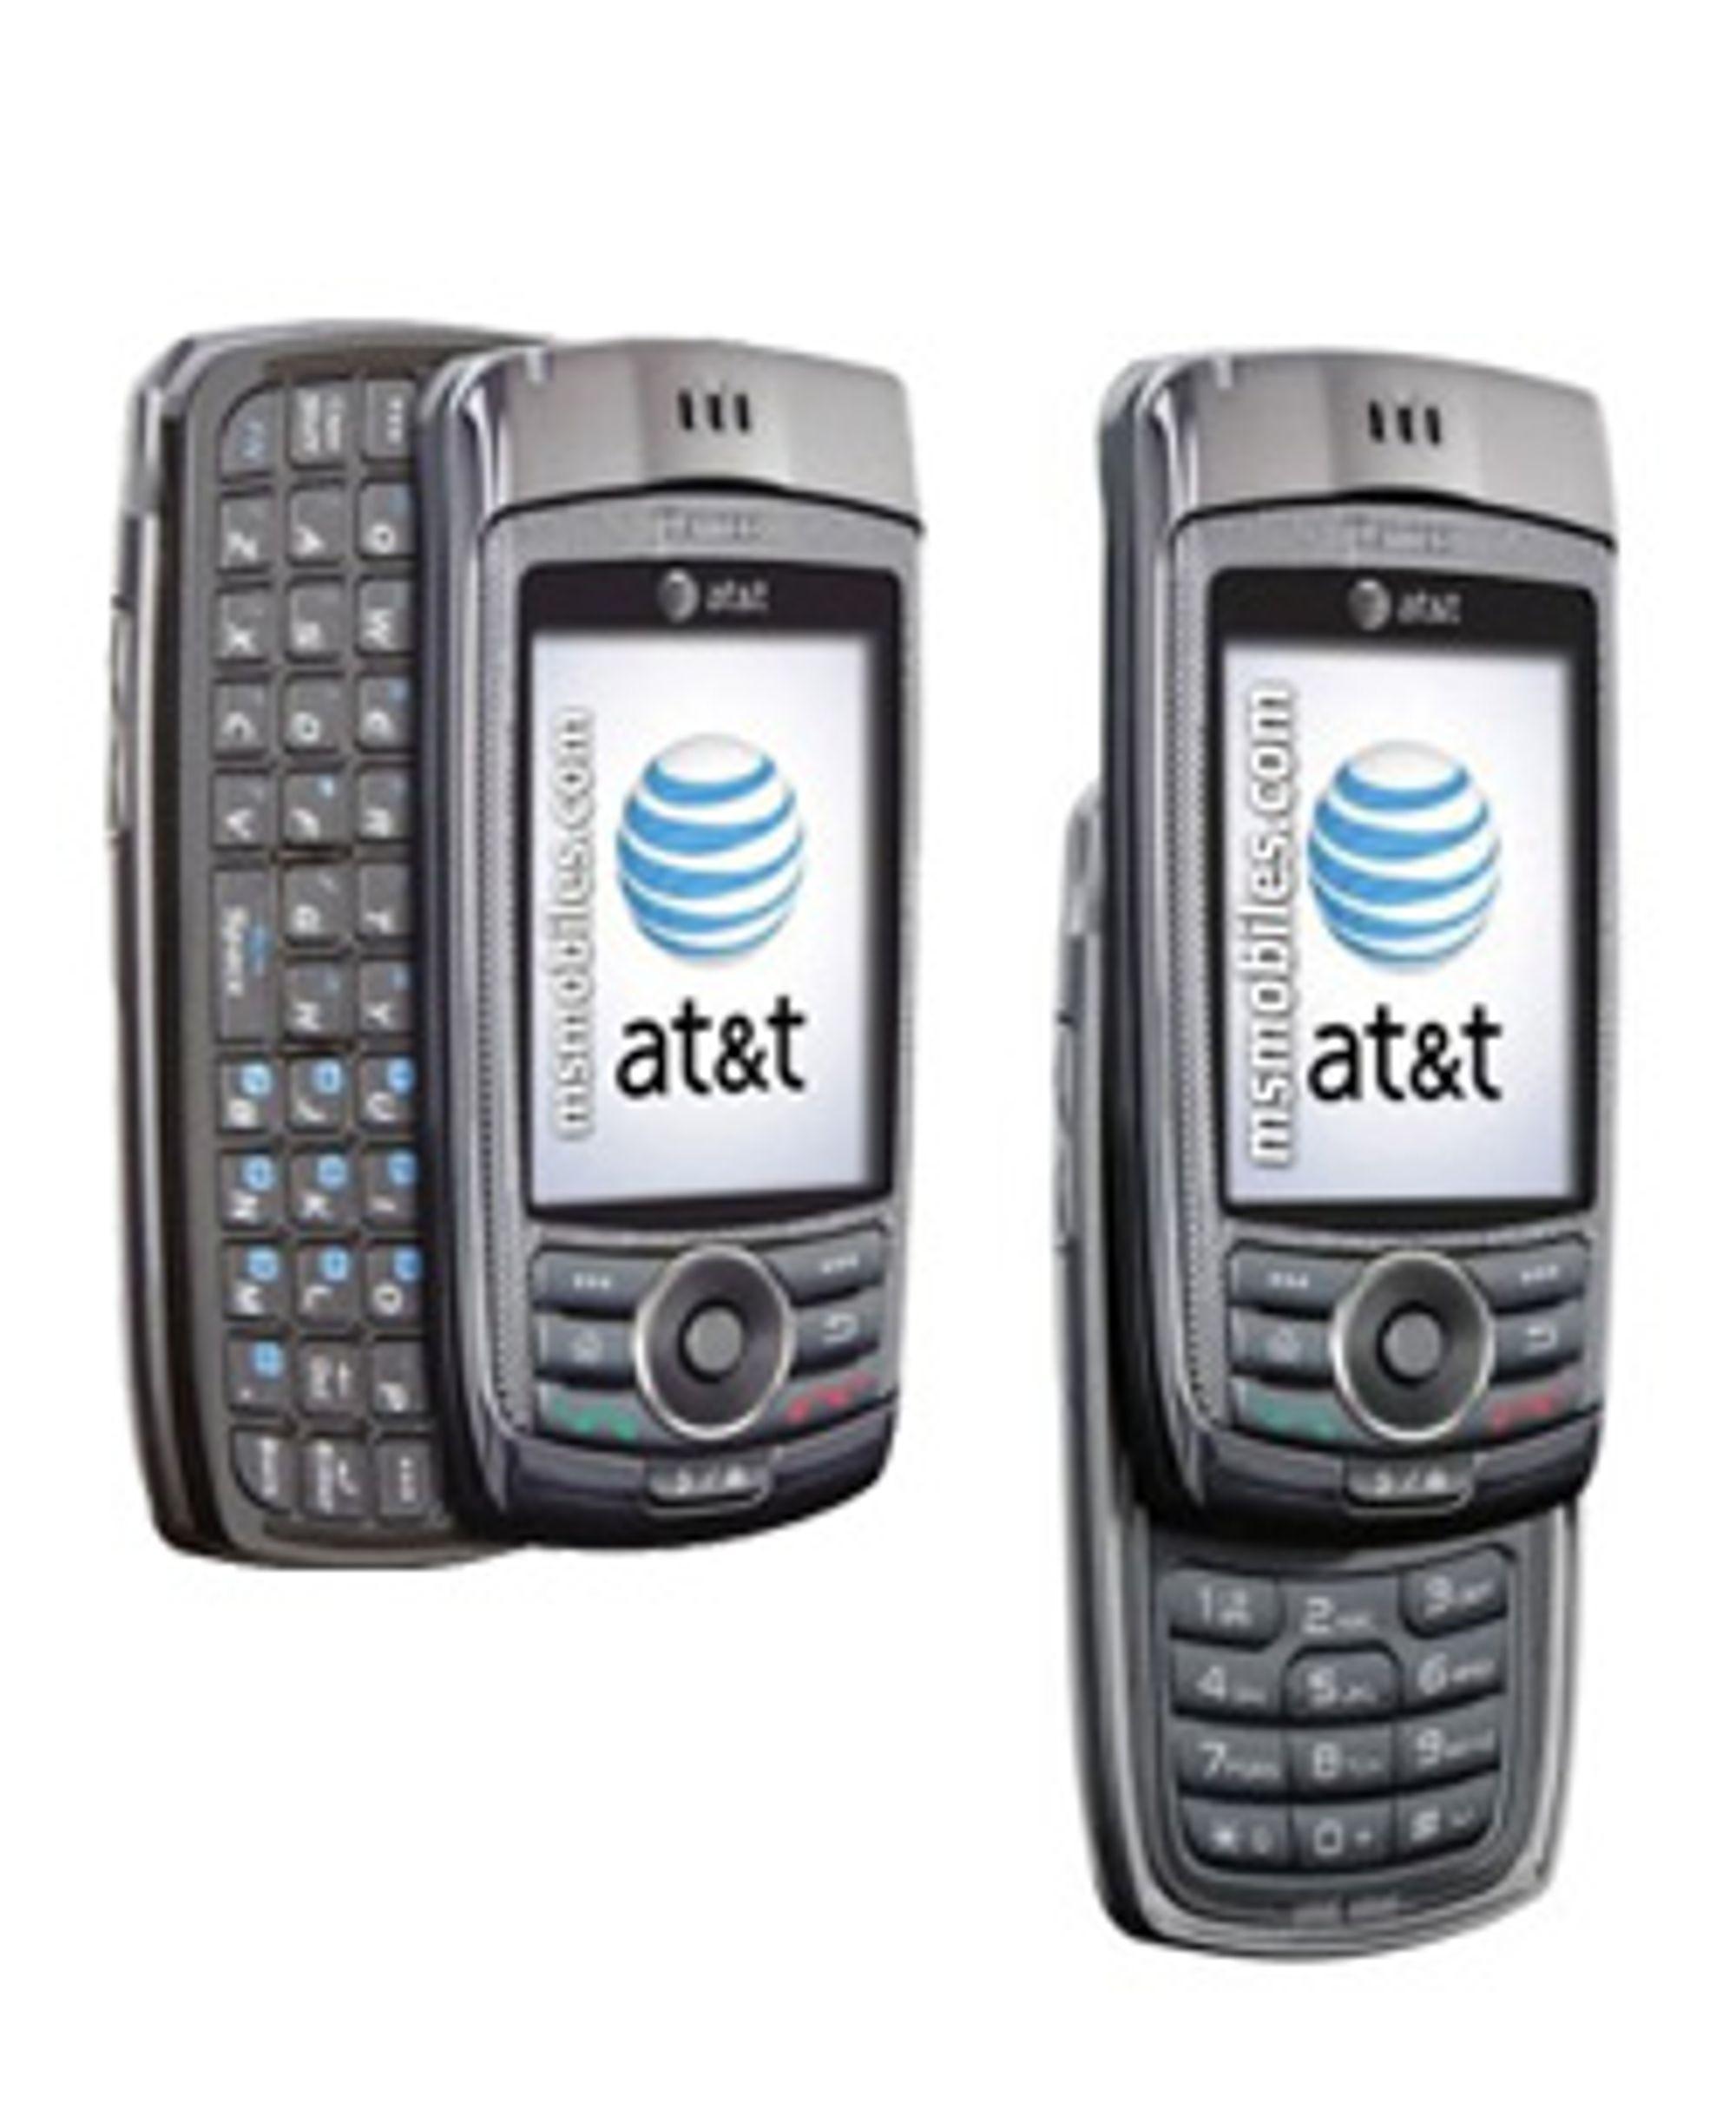 Det ser kanskje merkelig ut i første øyekast, men mobilen har faktisk to utskyvbare tastatur.